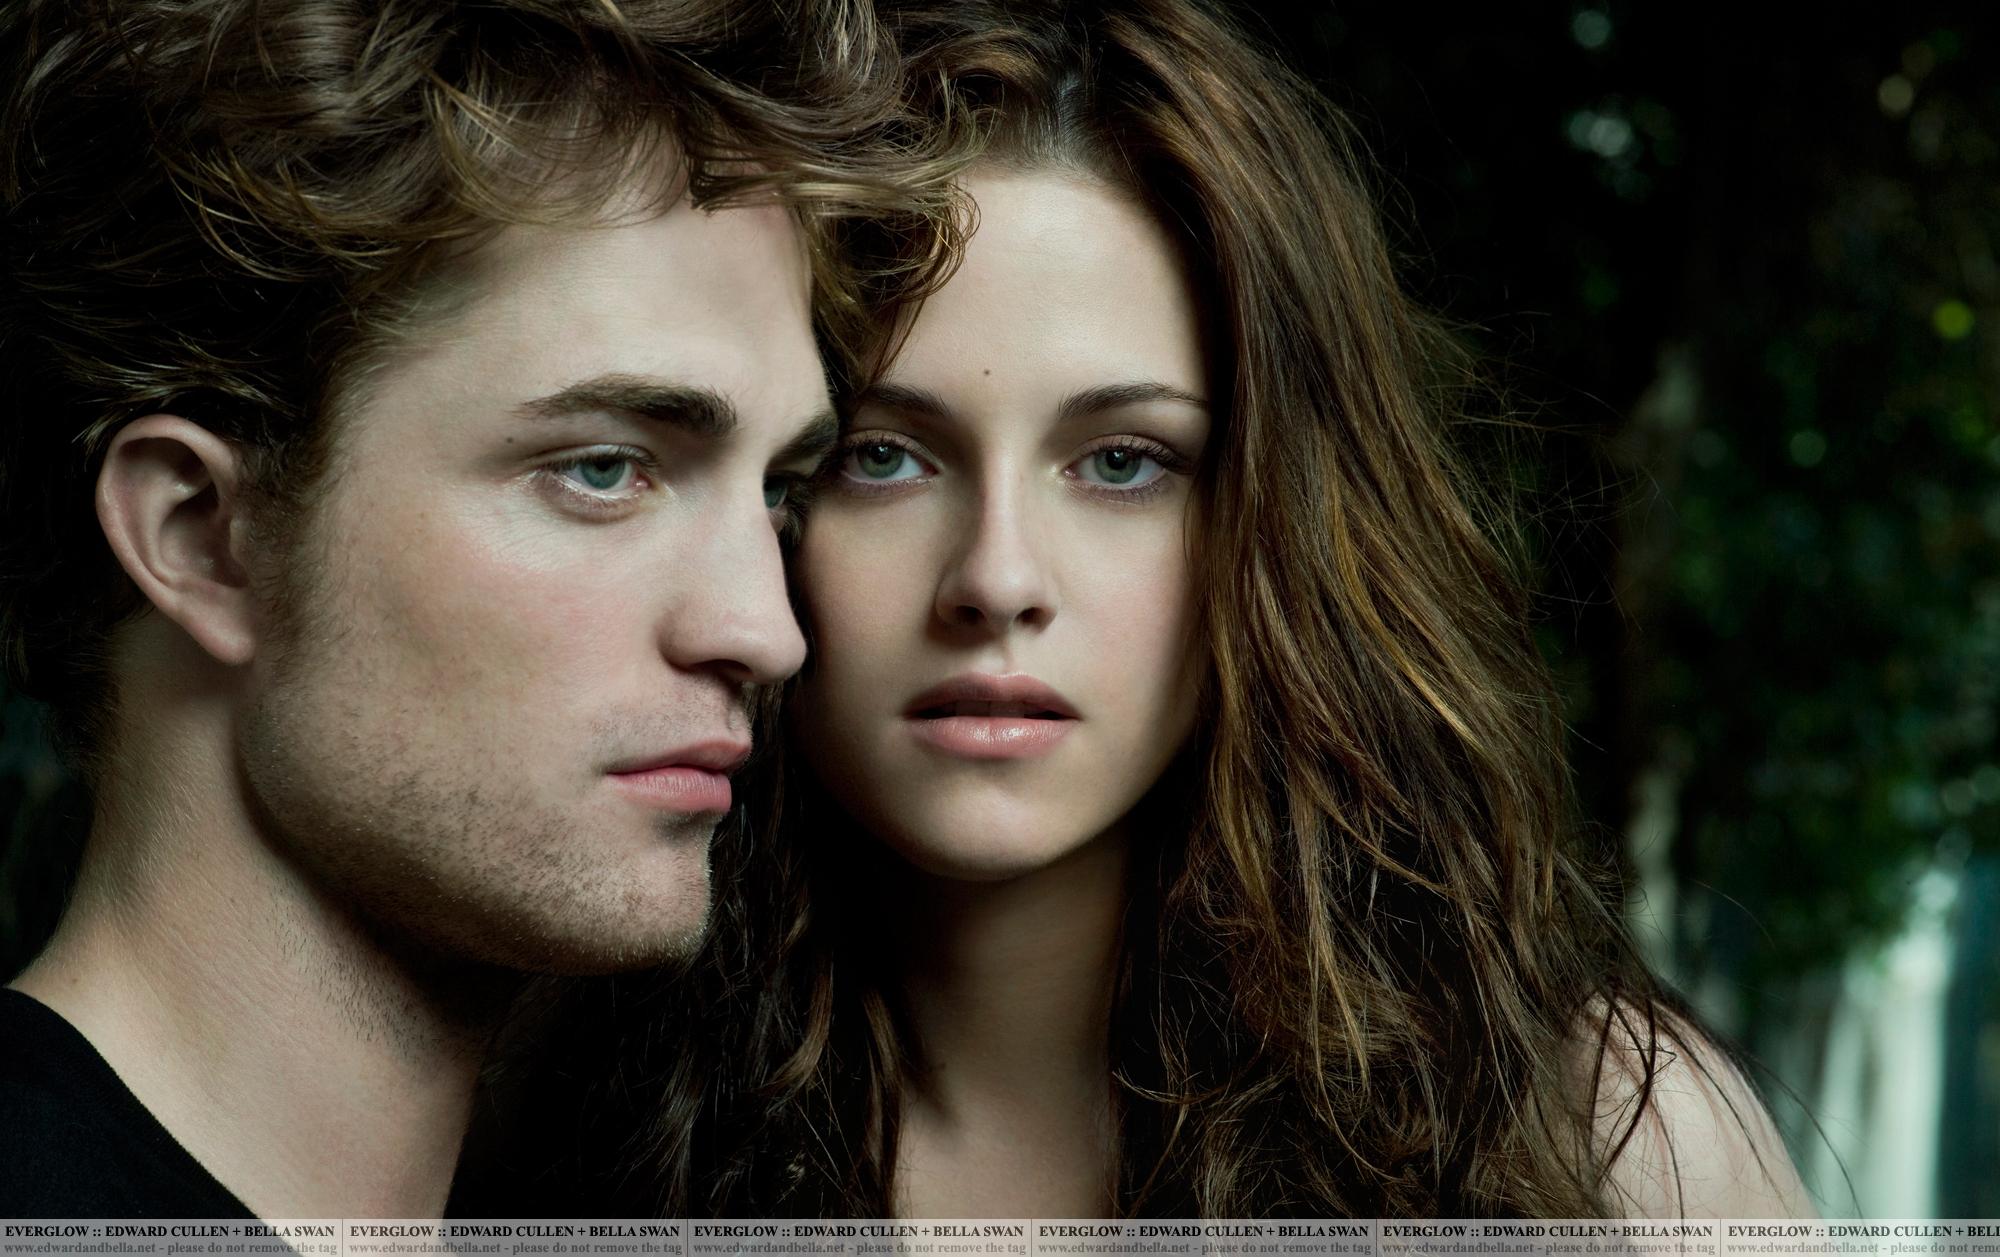 Edward/Bella <3